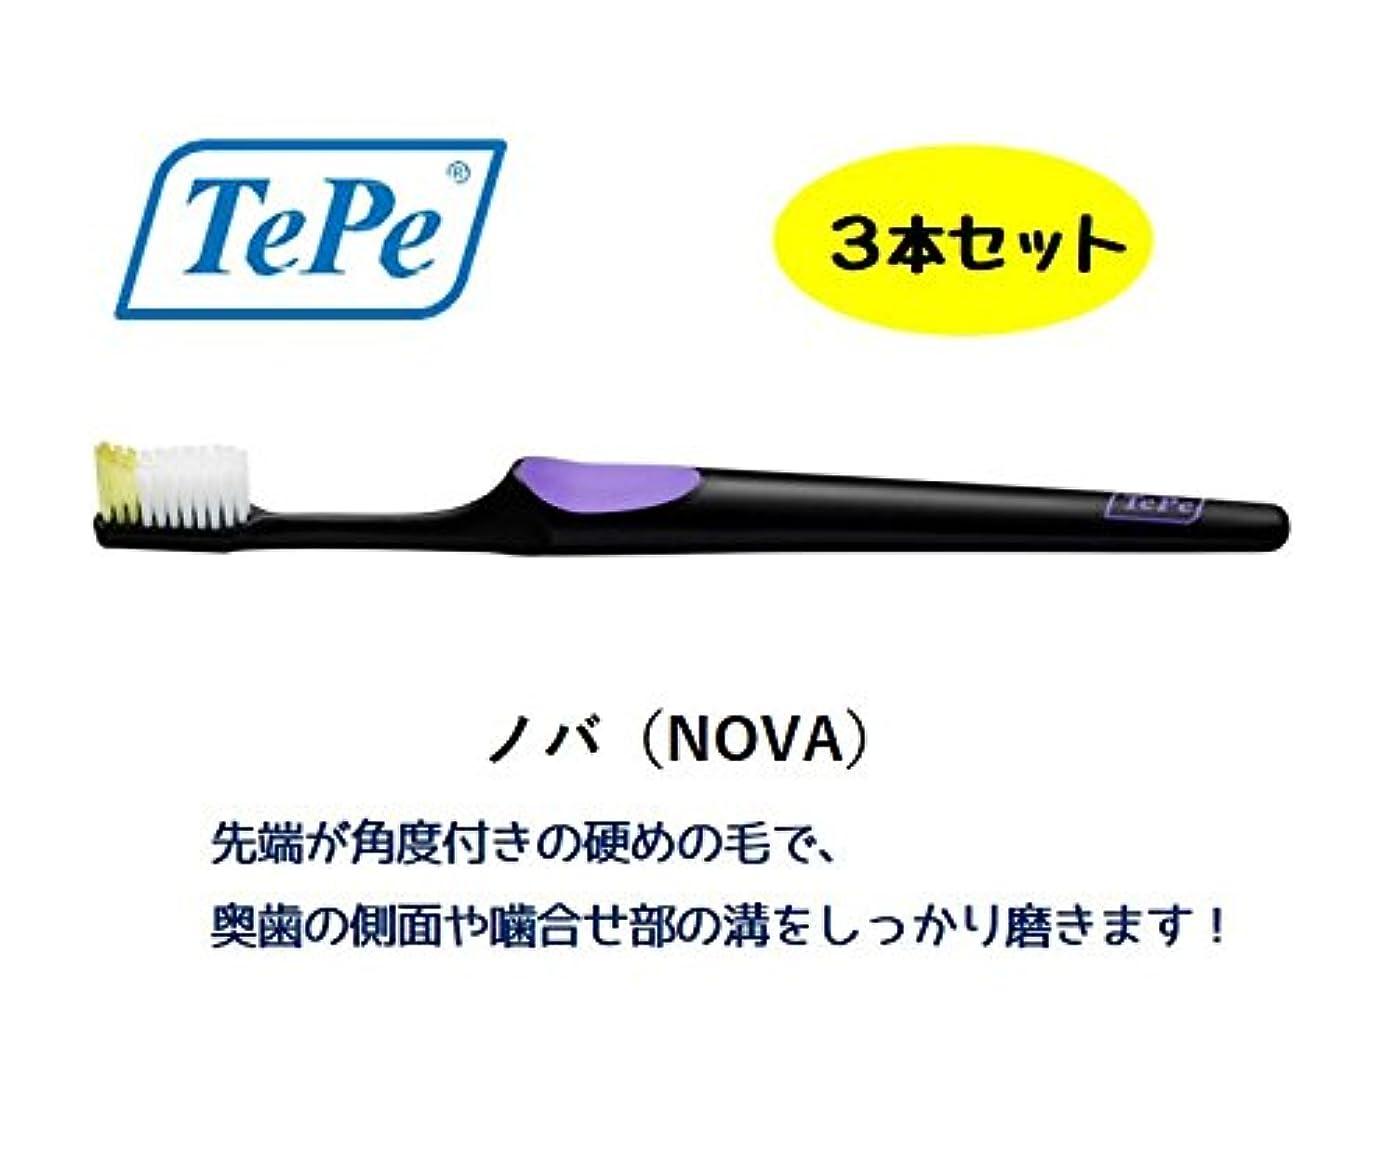 壮大な相反する前置詞テペ ノバ ブリスター 3本 TePe NOVA (やわらかめ)